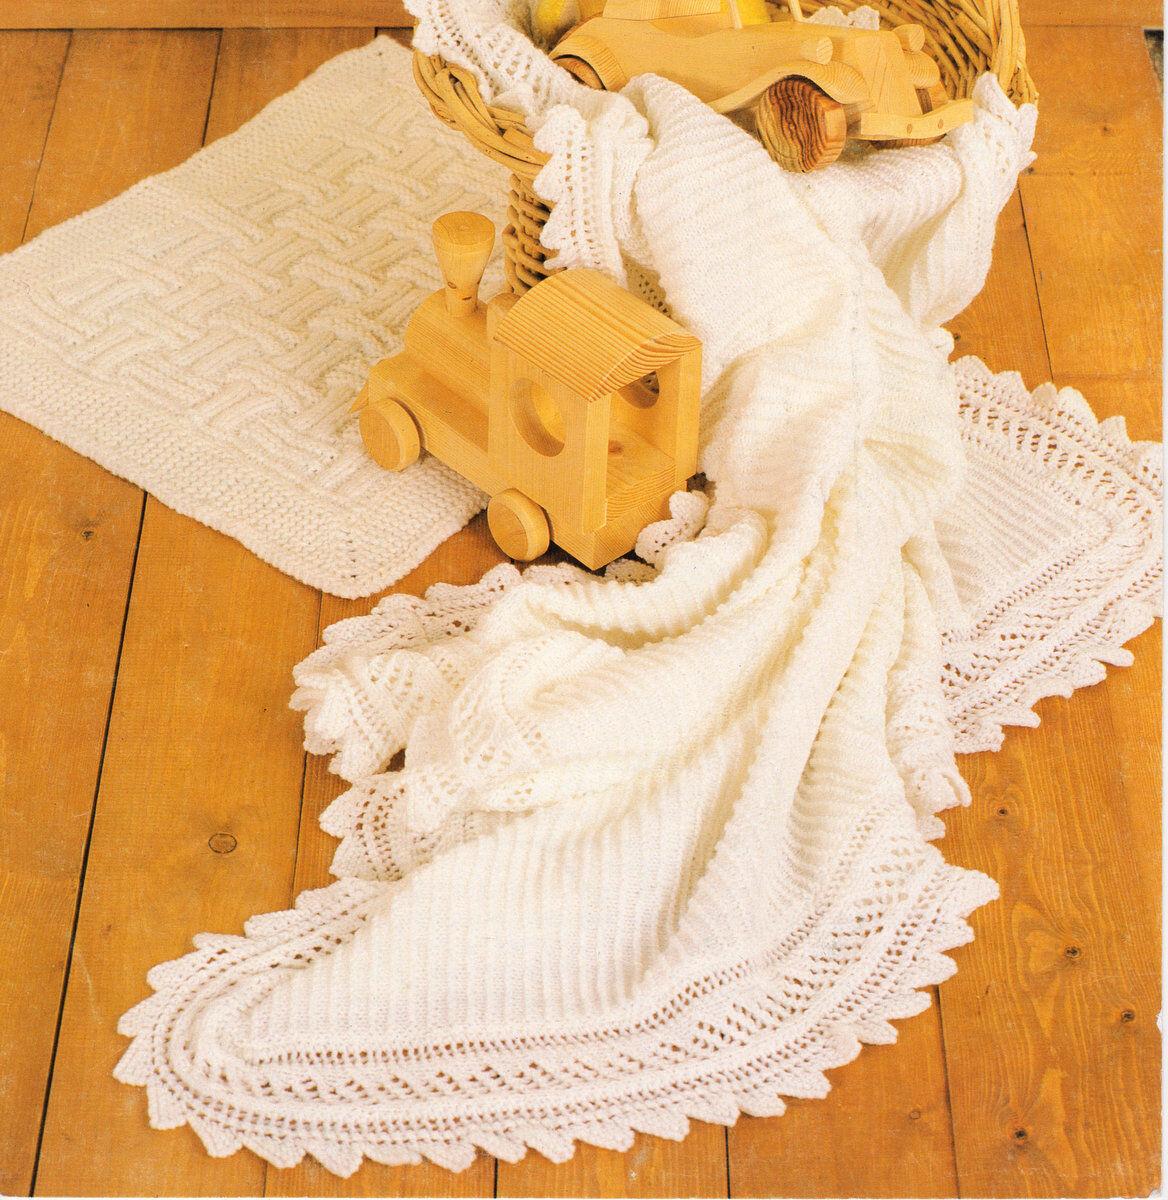 Baby Shawl//Blanket Chunky DK /& Pram Cover Vintage  Knitting Pattern Copy